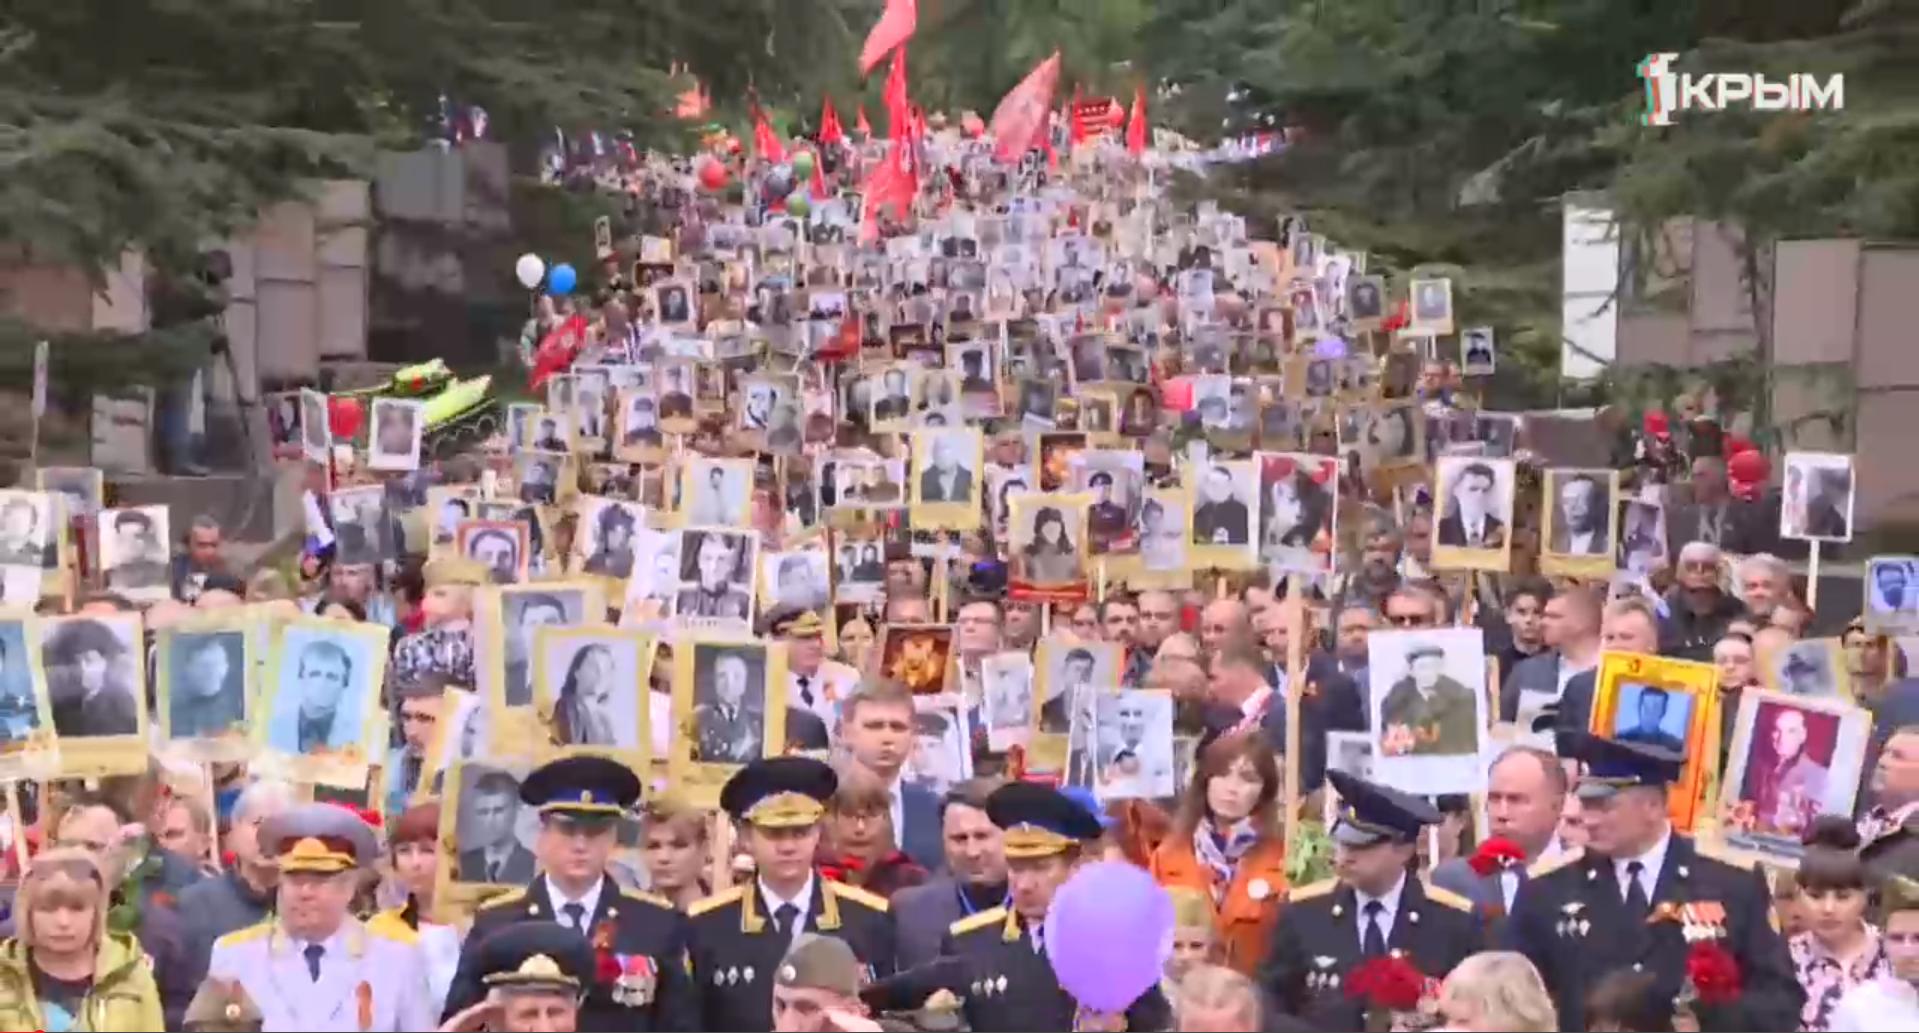 Телемарафон, посвящённый 74-й годовщине Победы в Великой Отечественной войне